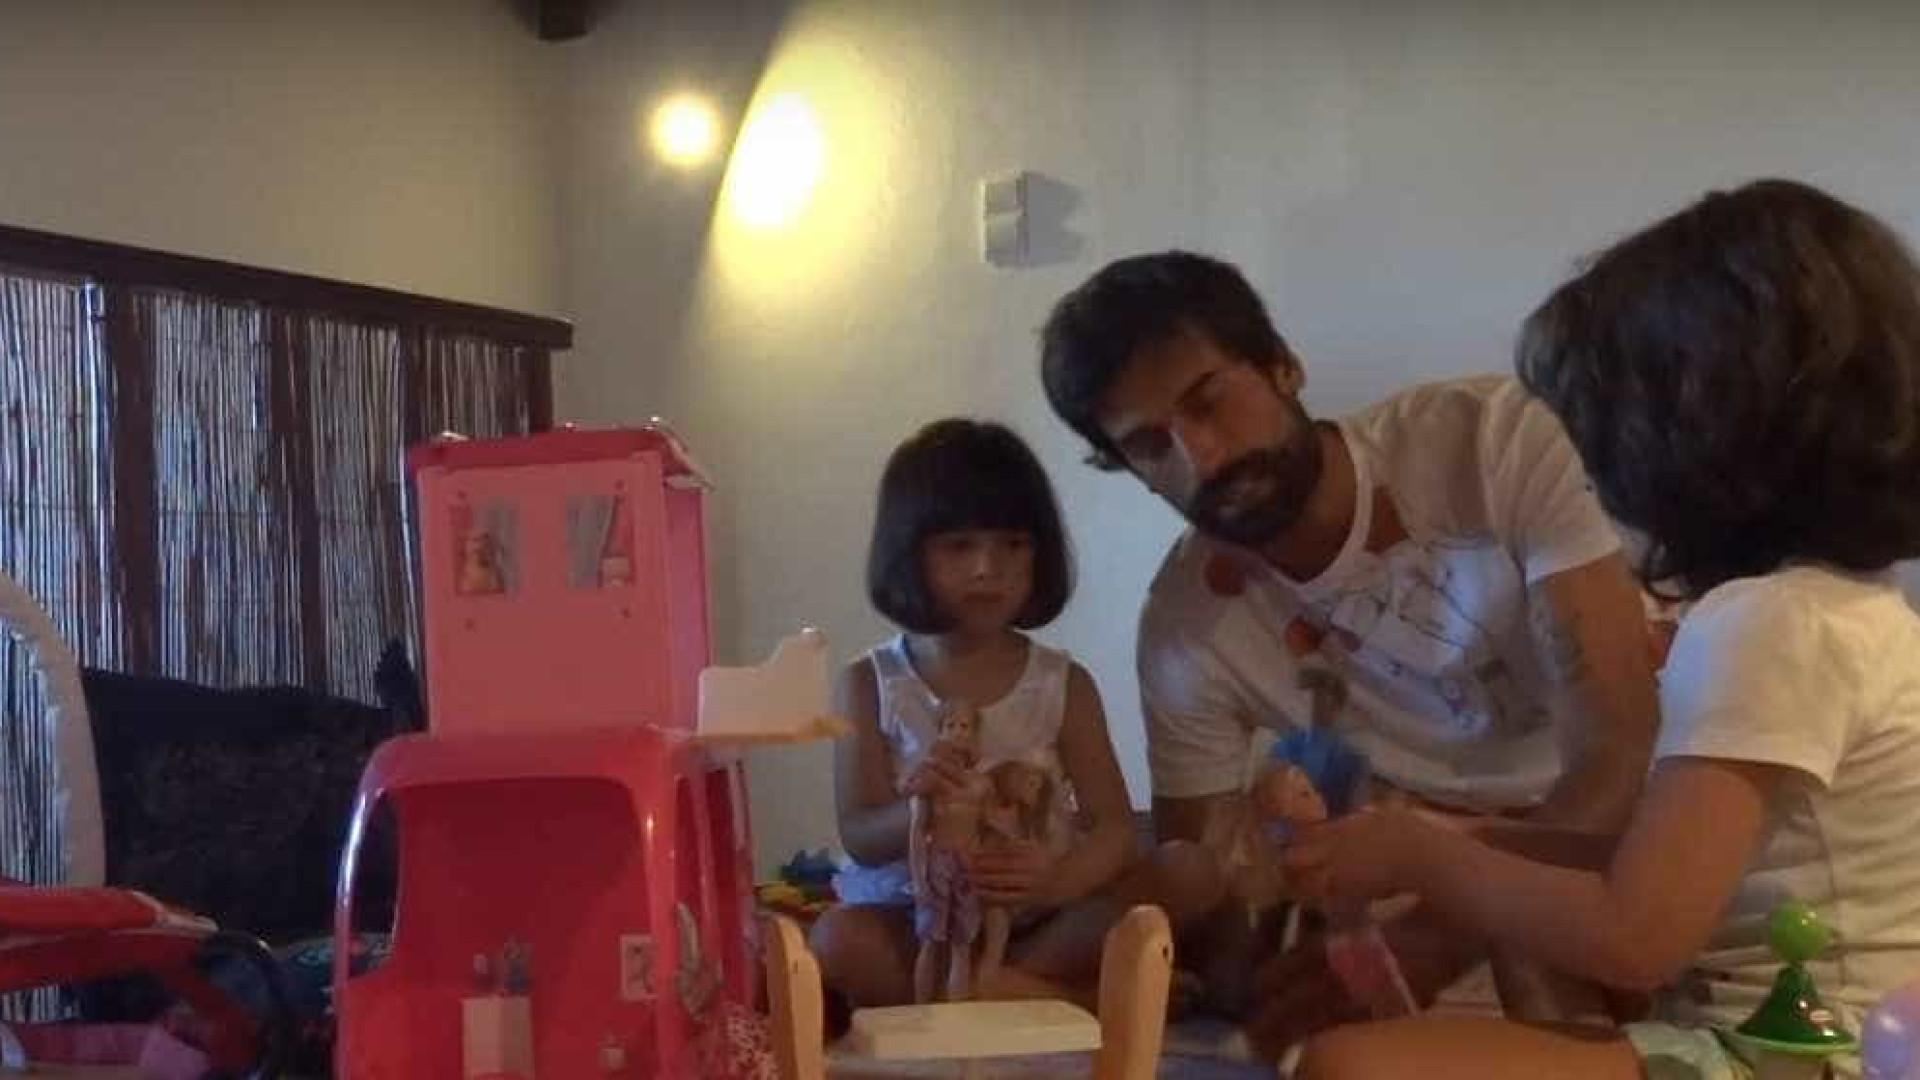 Raminhos pôs as filhas a limpar a casa (e elas portaram-se bem)